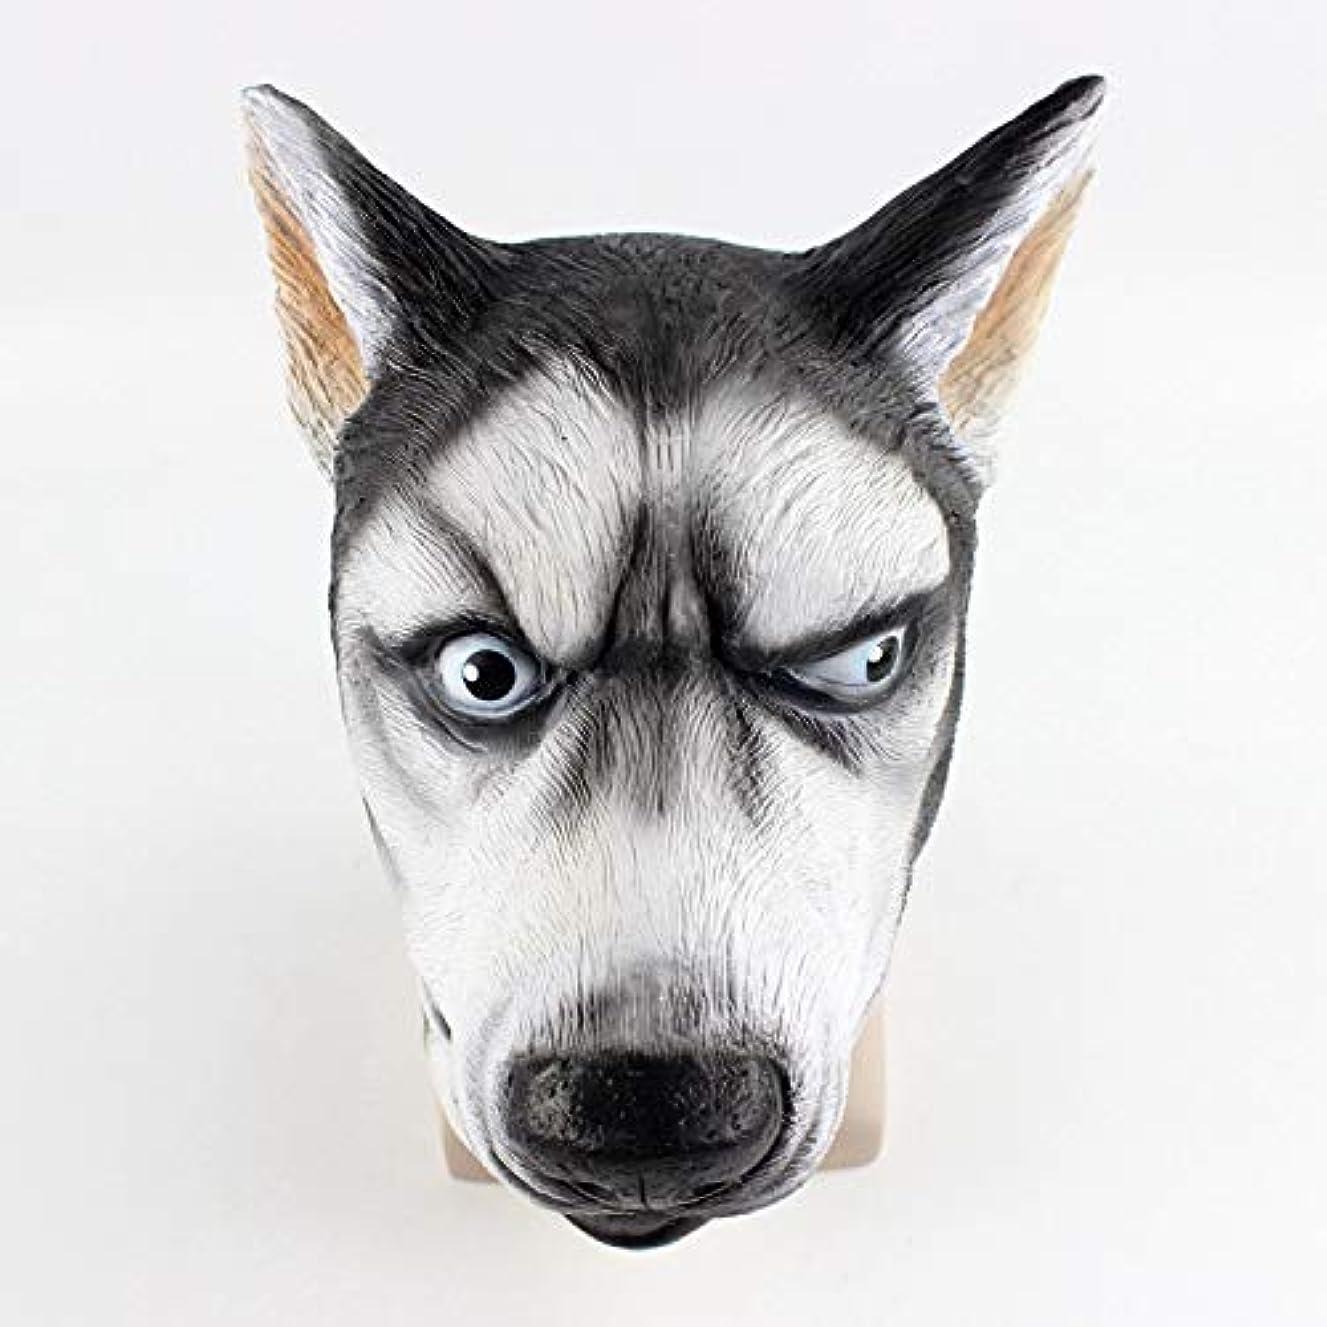 腫瘍常習者苦しみシベリアンハスキー犬ラテックス動物ヘッドマスクノベルティコスチュームラバーマスク用ハロウィン動物犬ヘッドマスク